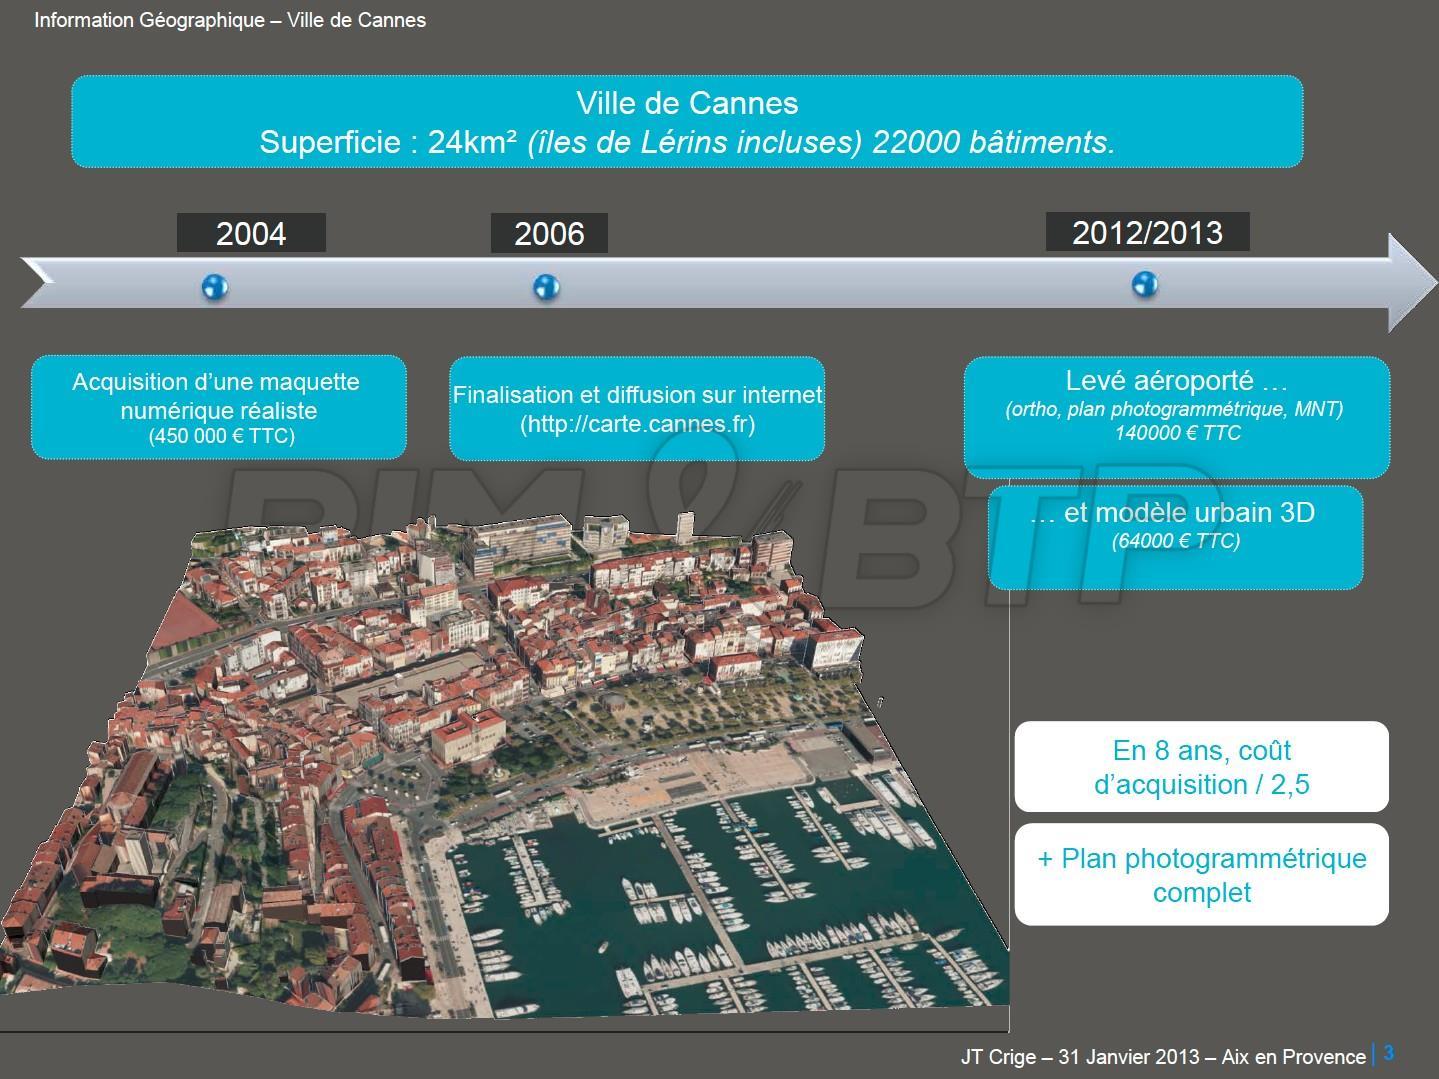 Historique de l'acquisition de la maquette de la ville de Cannes